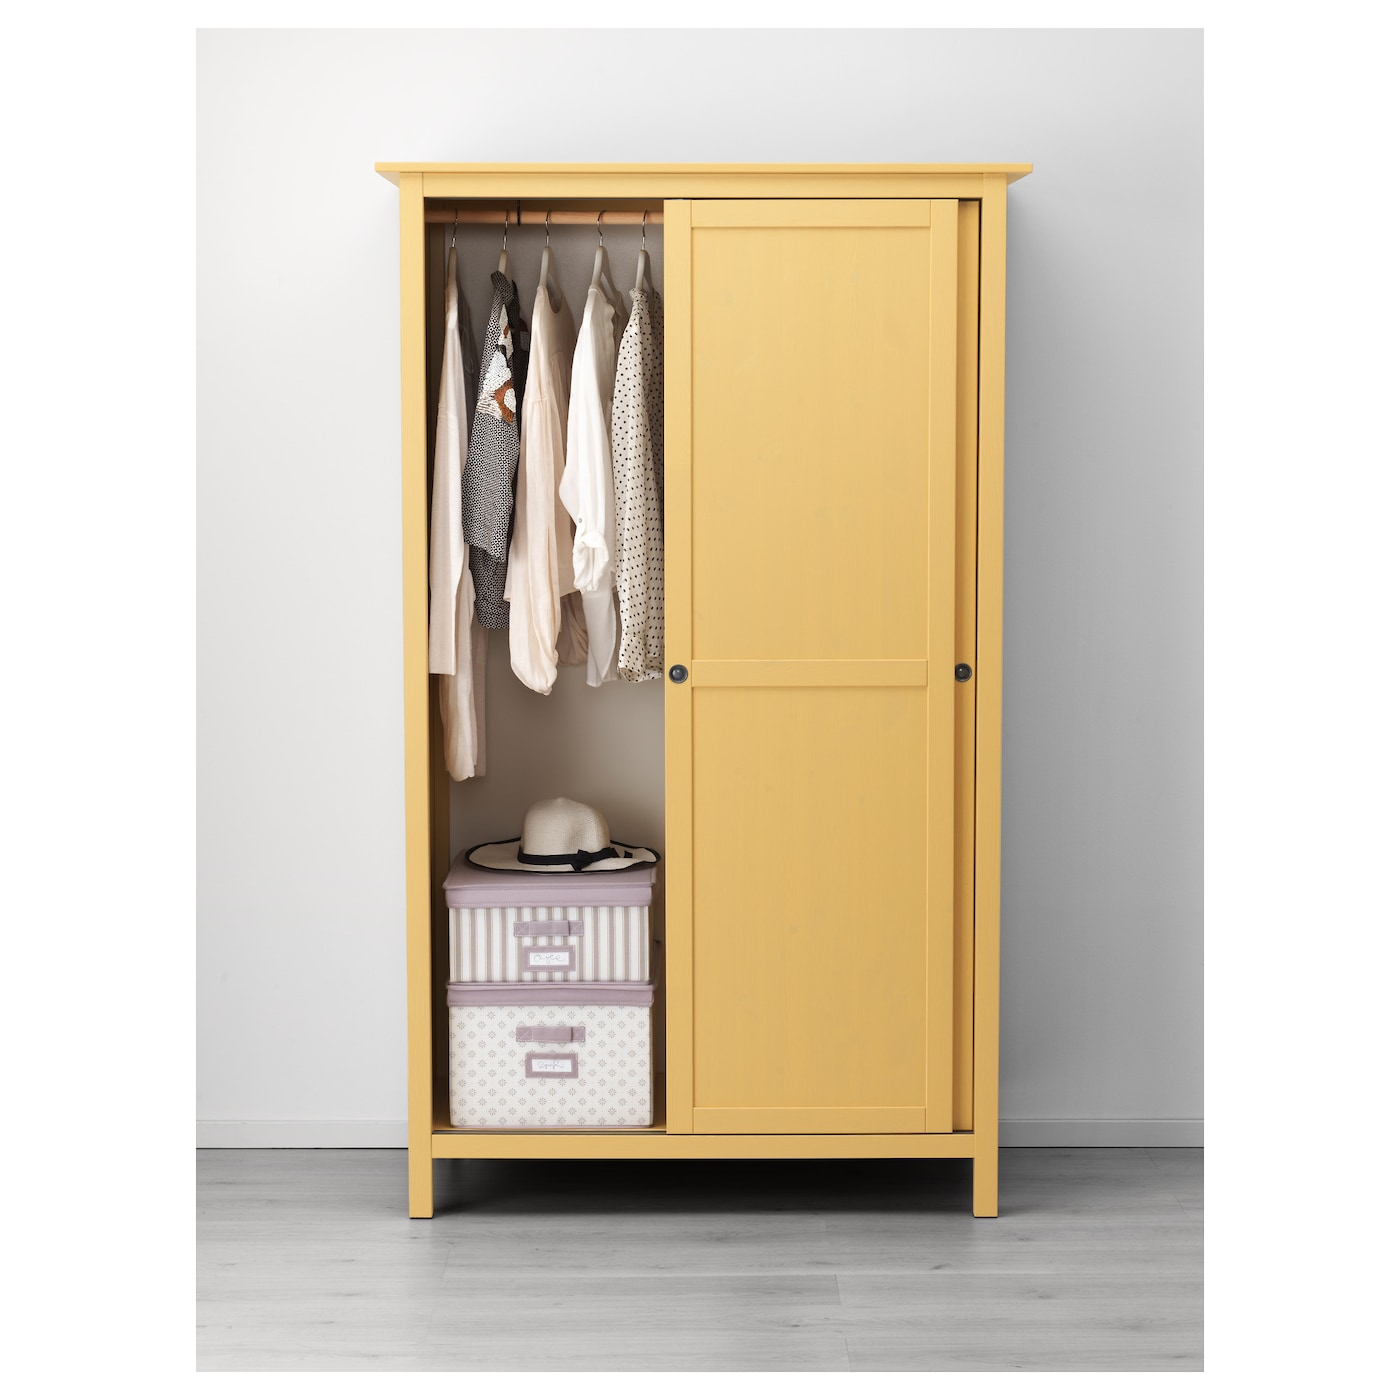 HEMNES Wardrobe with 2 sliding doors Yellow 120x197 cm IKEA